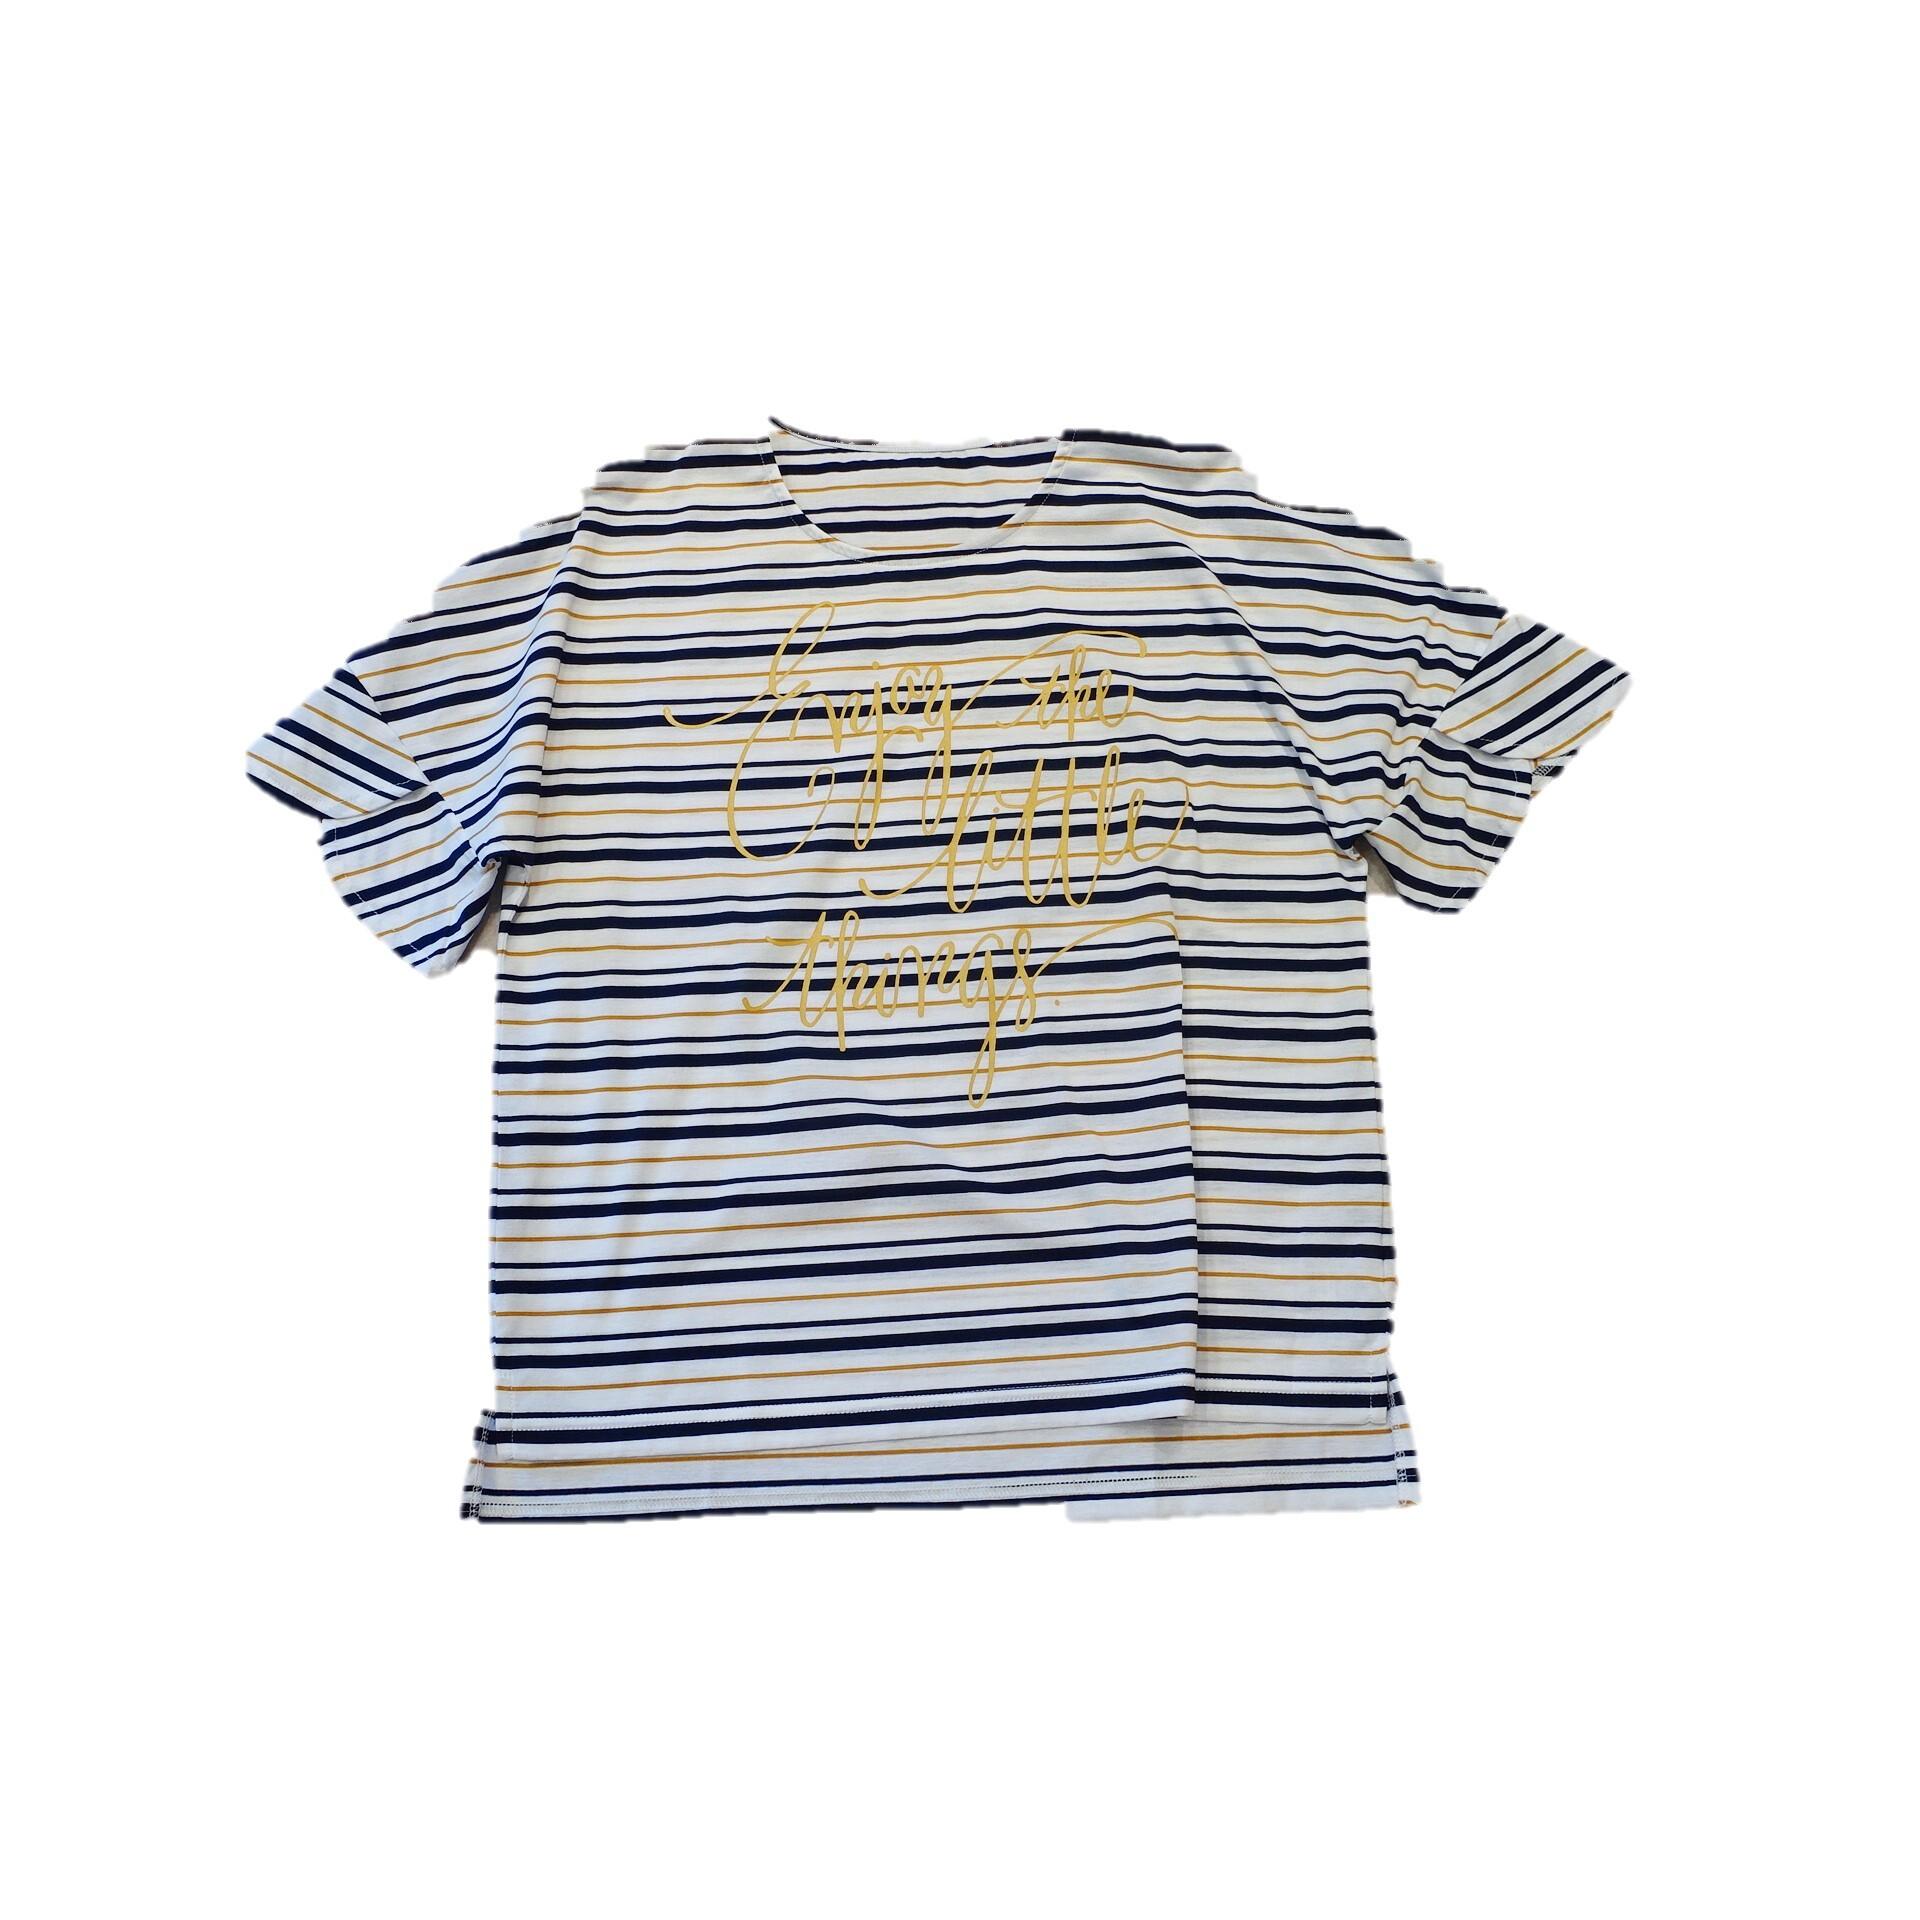 21047   マルチボーダーTシャツ/ホワイト